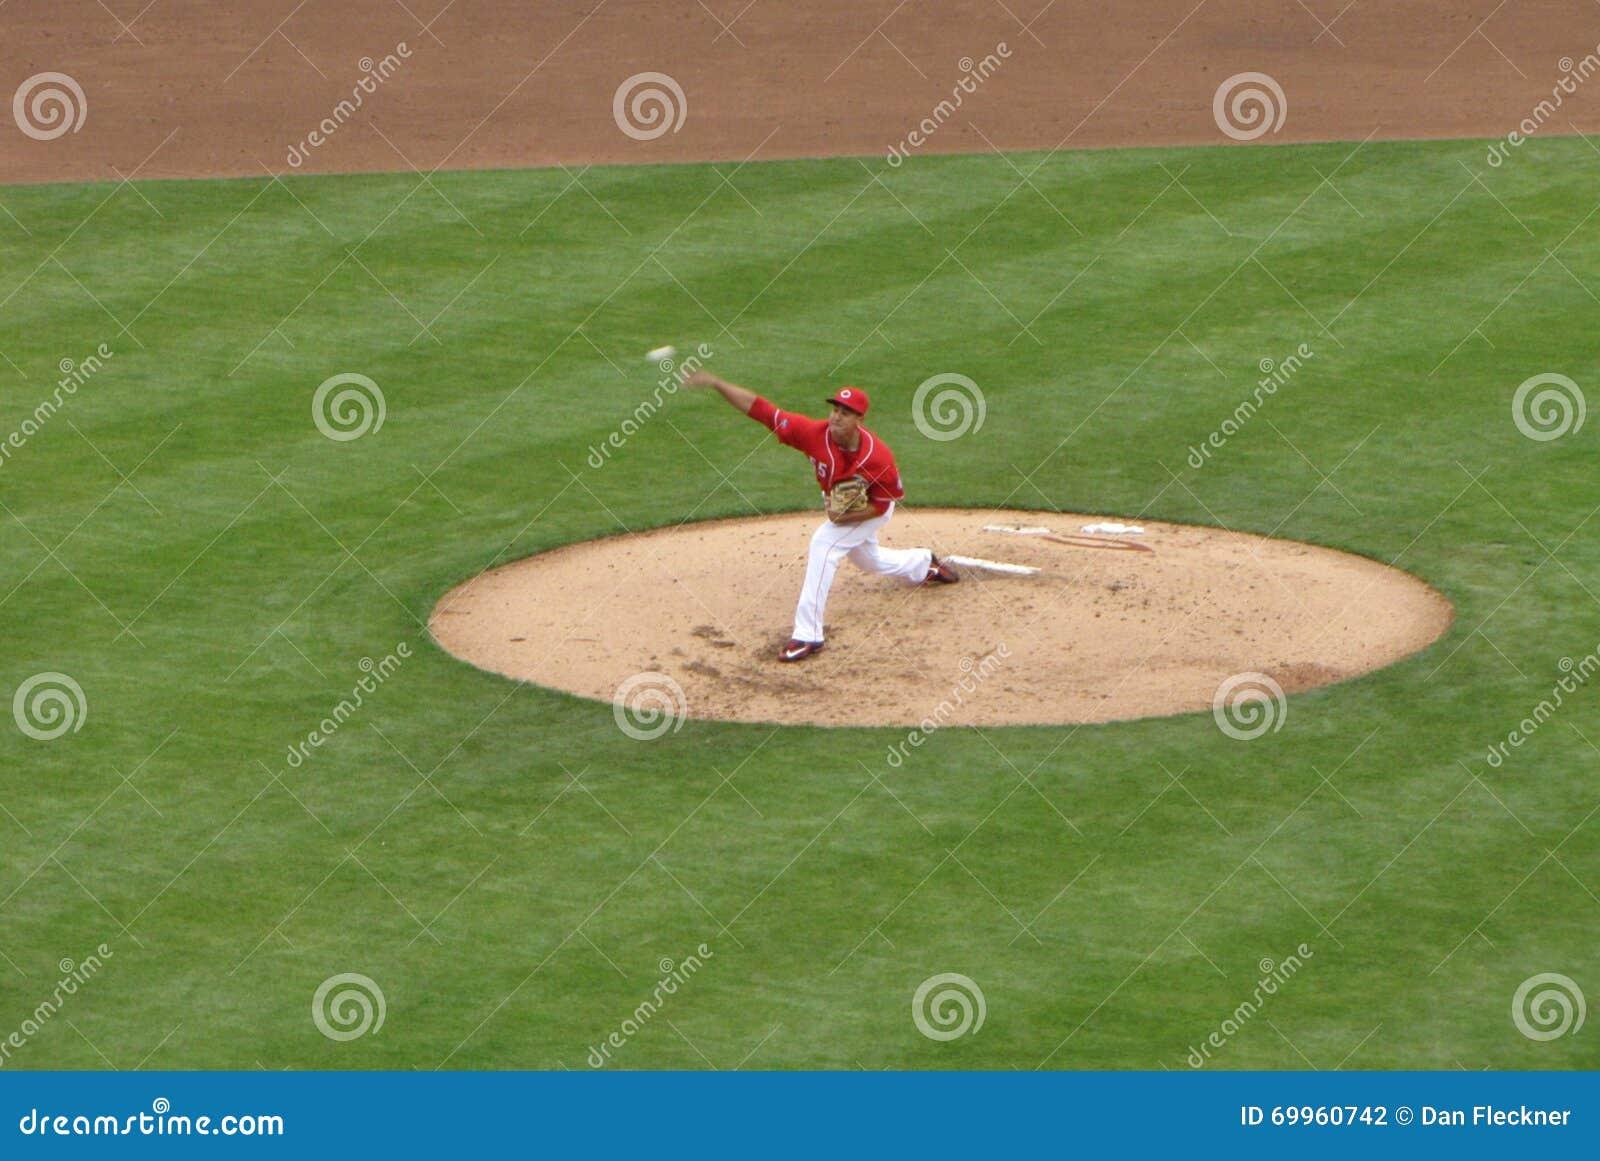 Роберт Stephenson делает его дебют высшей лиги бейсбола